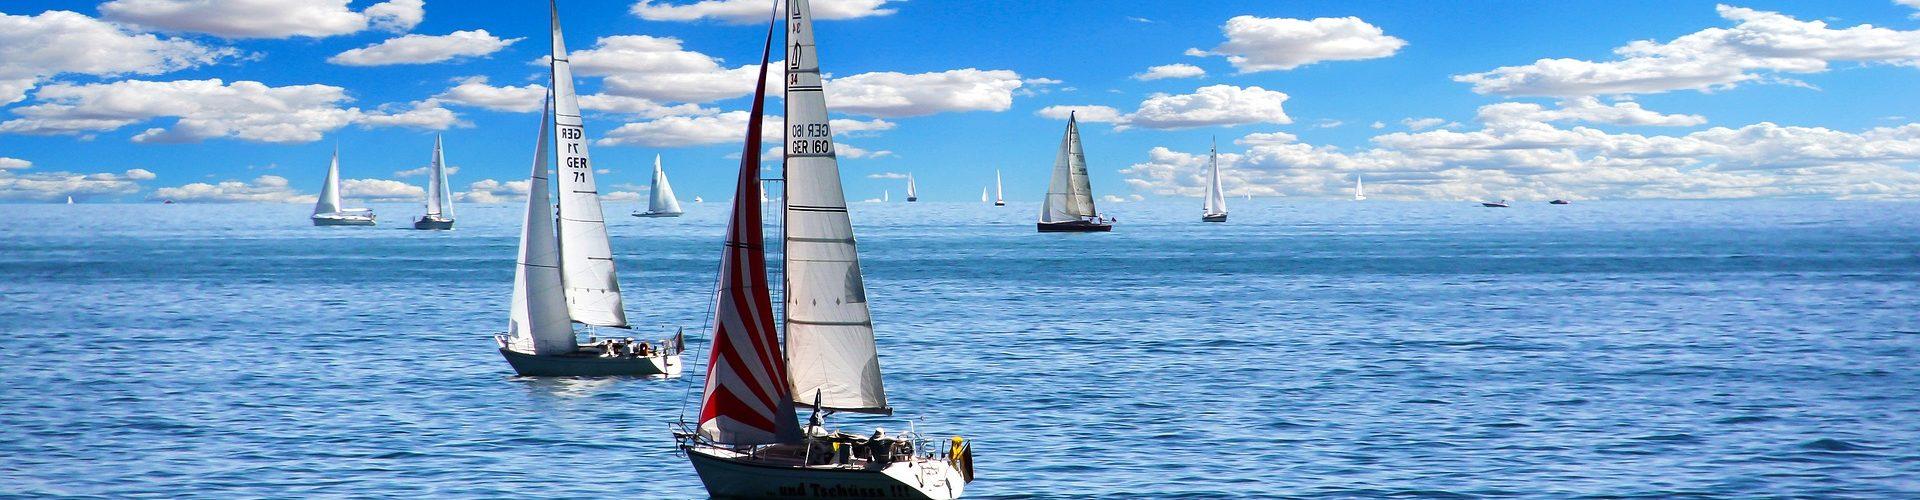 segeln lernen in Wremen segelschein machen in Wremen 1920x500 - Segeln lernen in Wremen